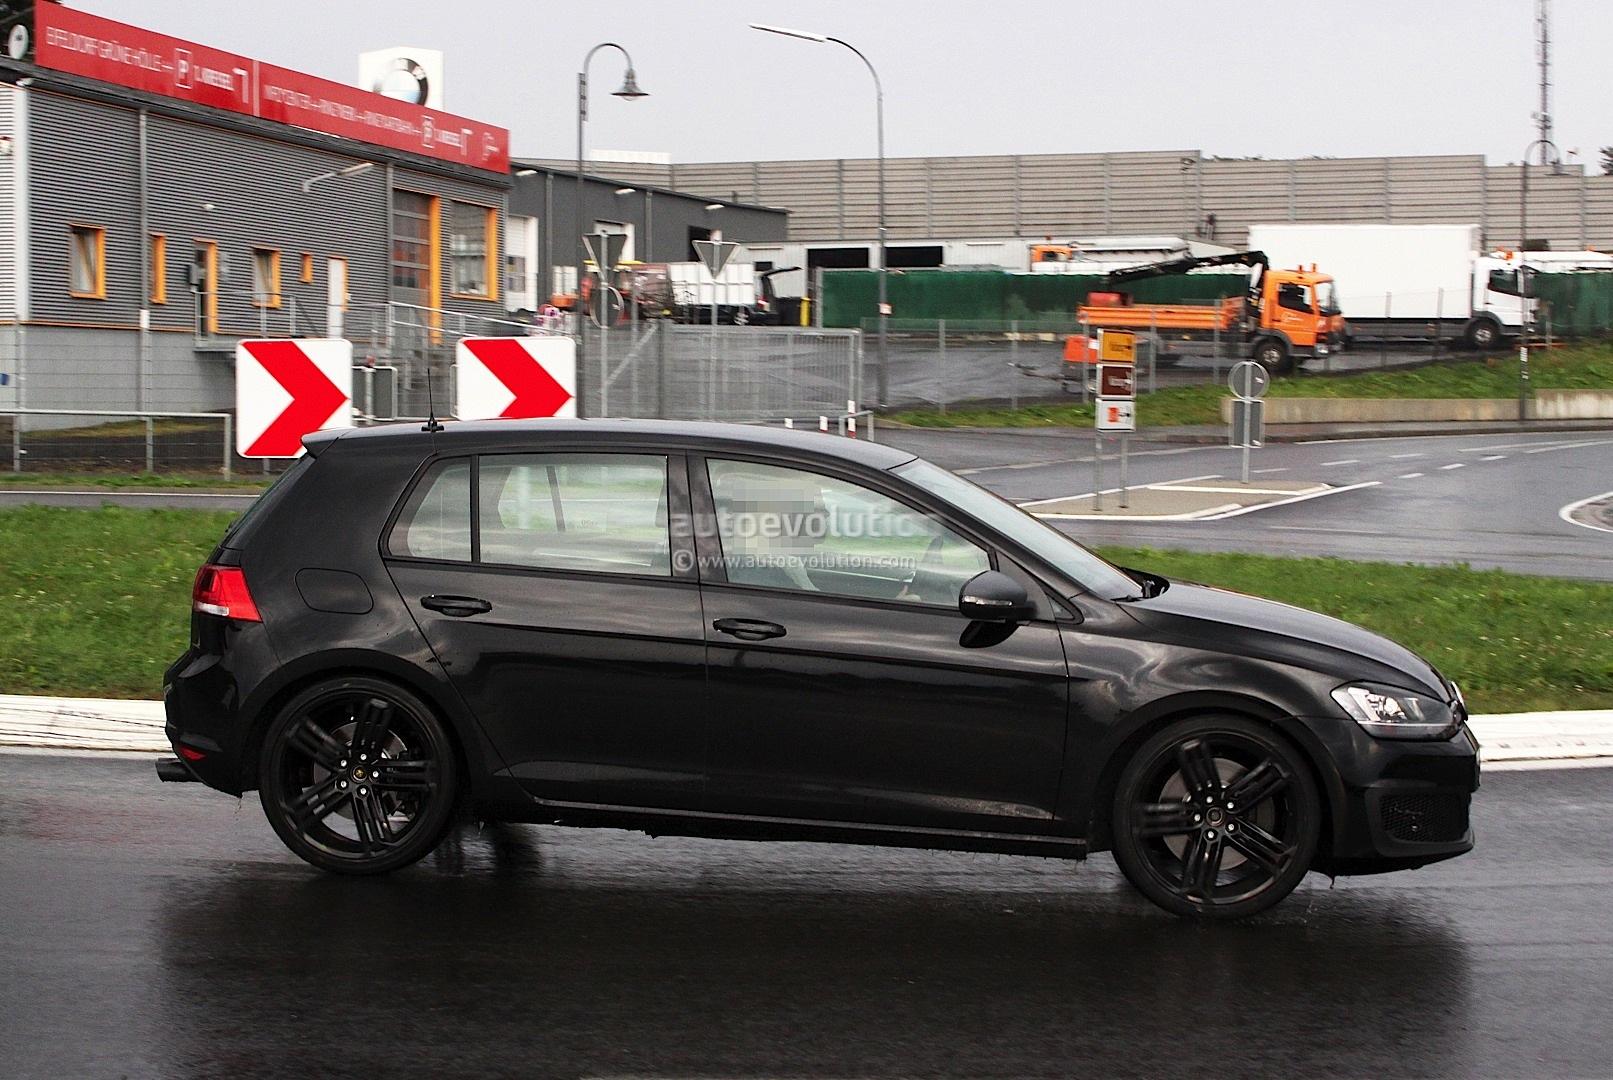 Spyshots: 2014 Volkswagen Golf VII R Drops Camo ...